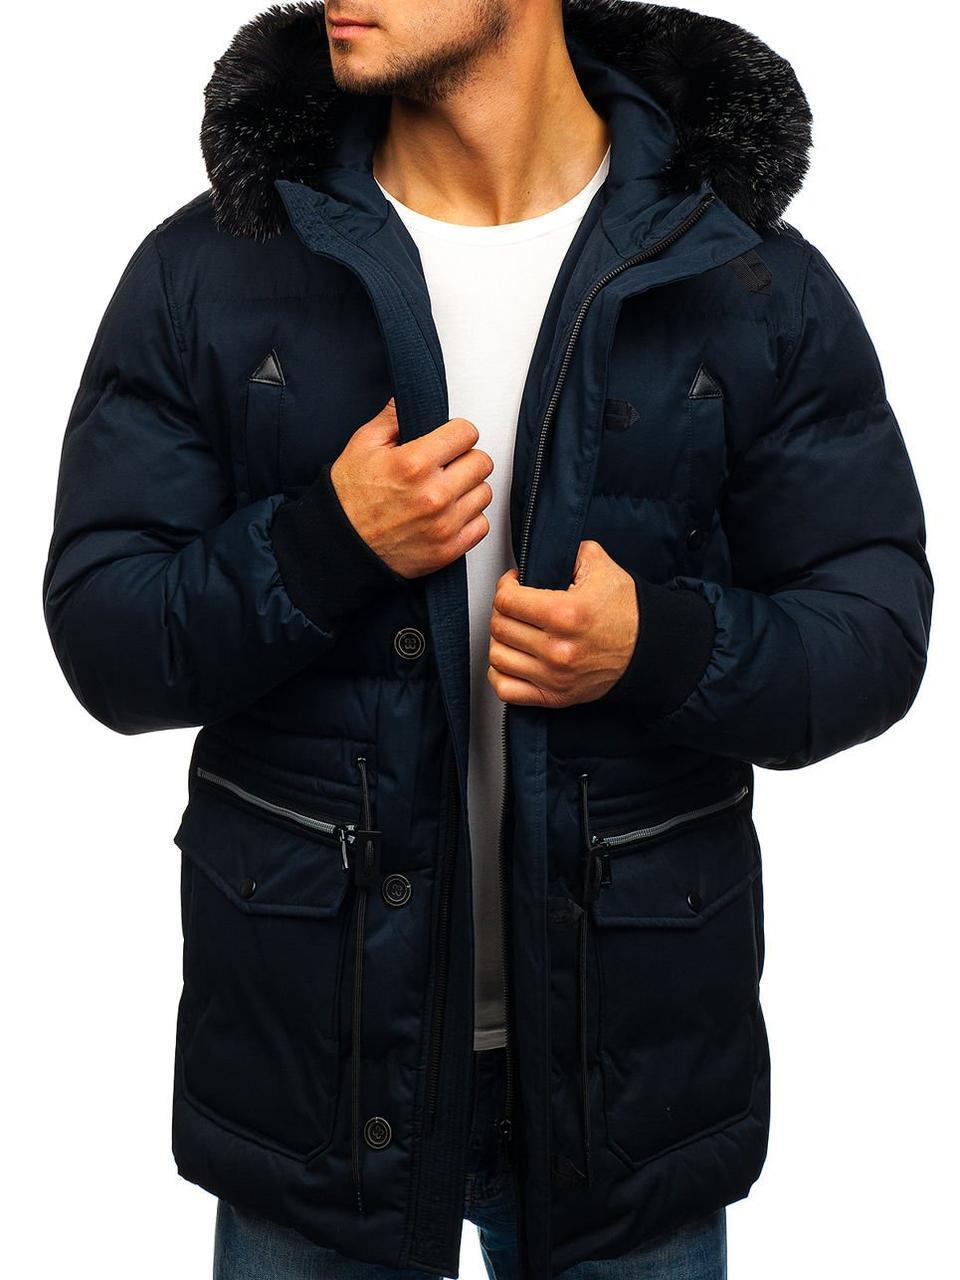 Зимняя стёганая мужская парковая куртка с капюшоном Синий